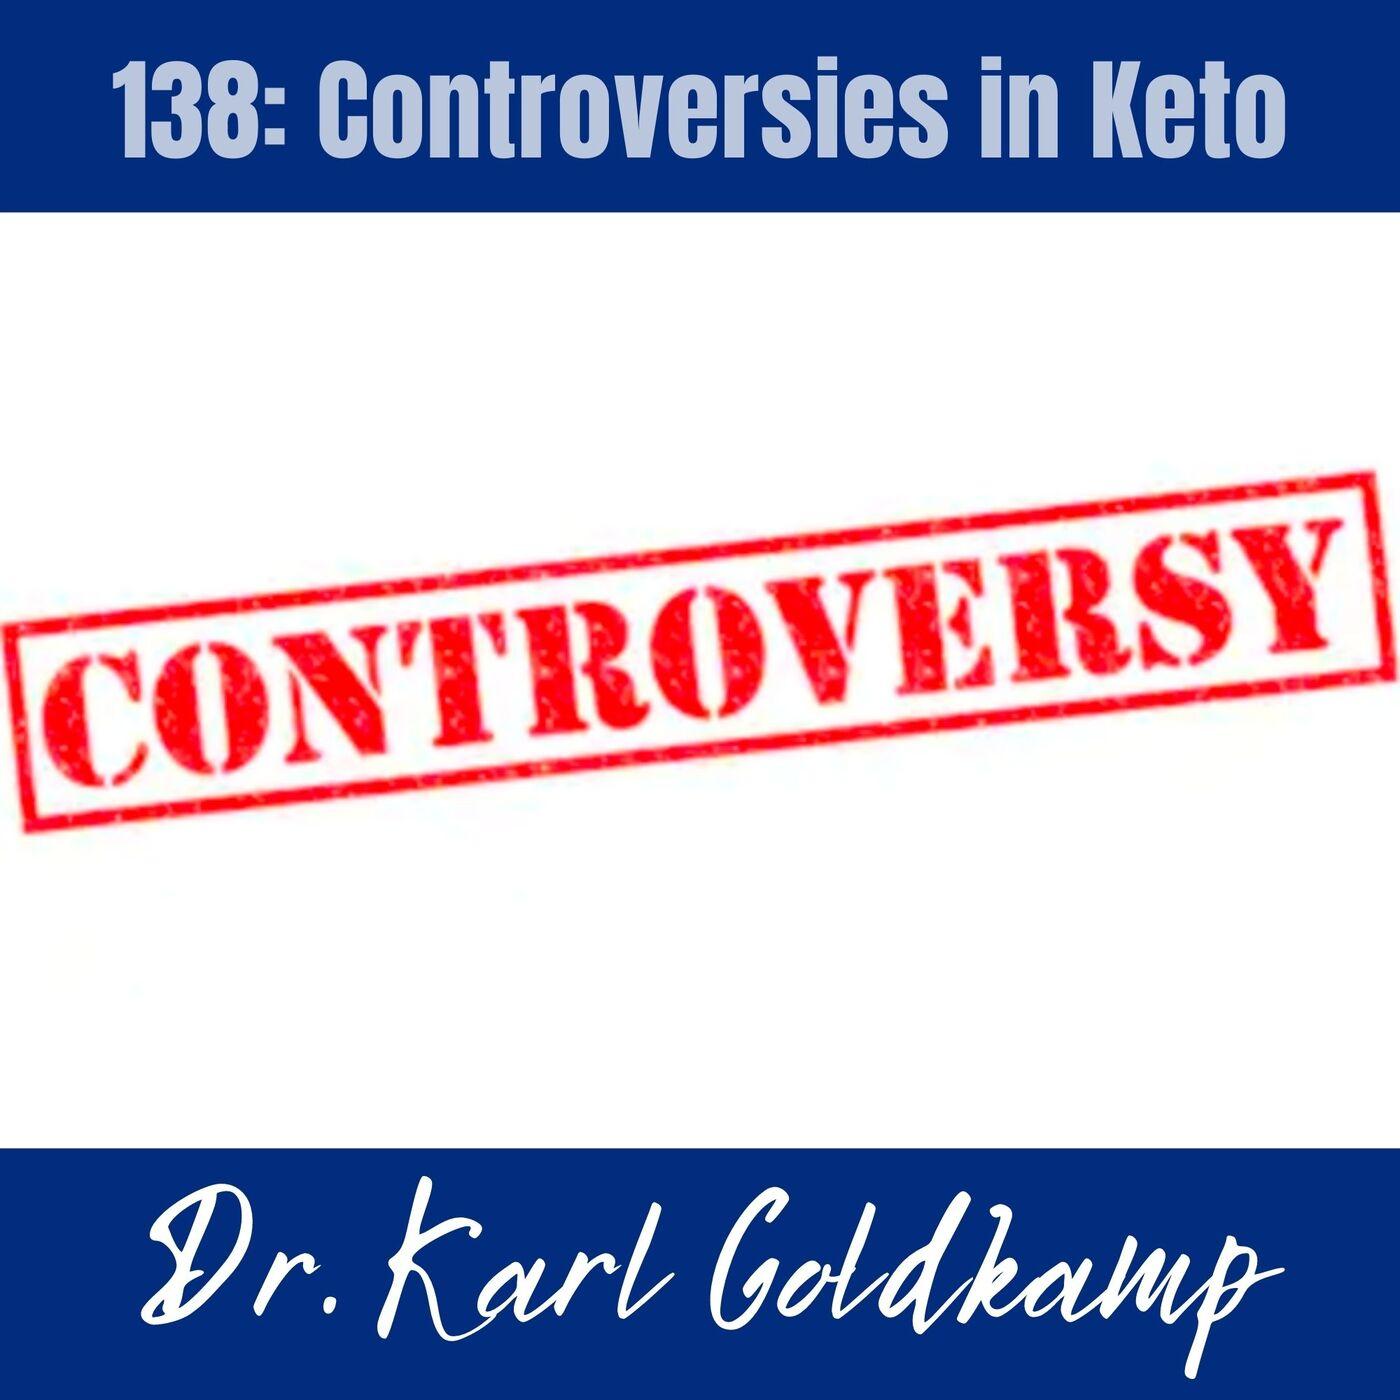 138: Controversies in Keto